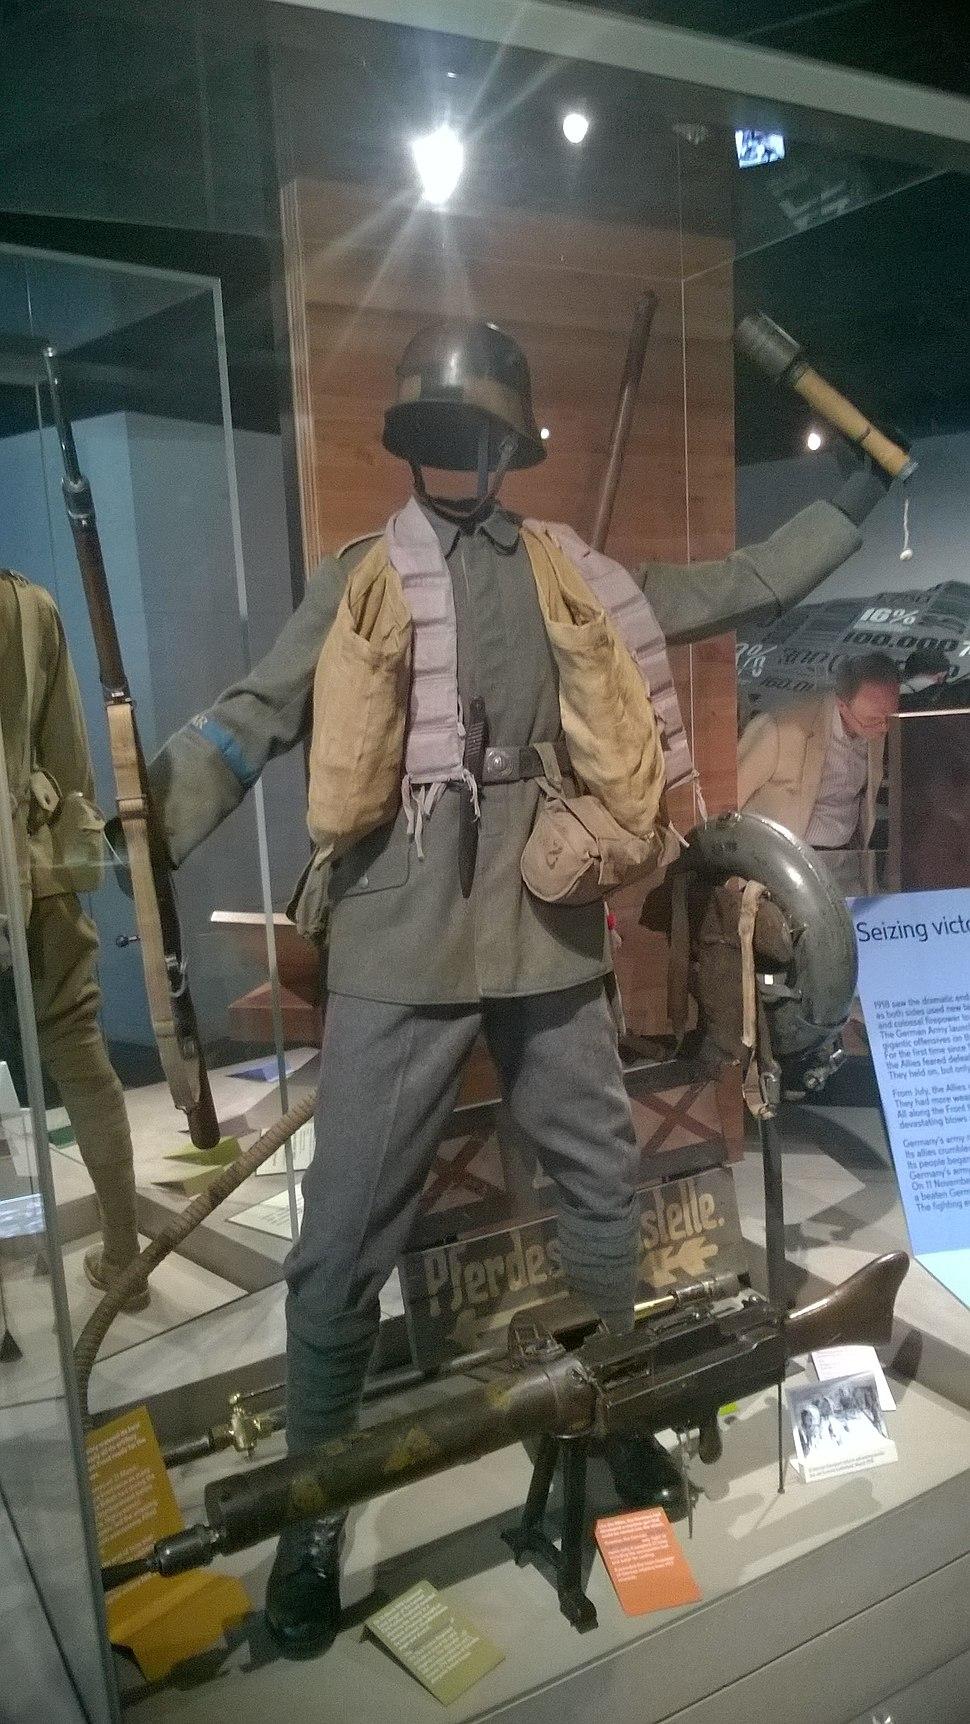 73 Fusilier Regiment WWI uniform